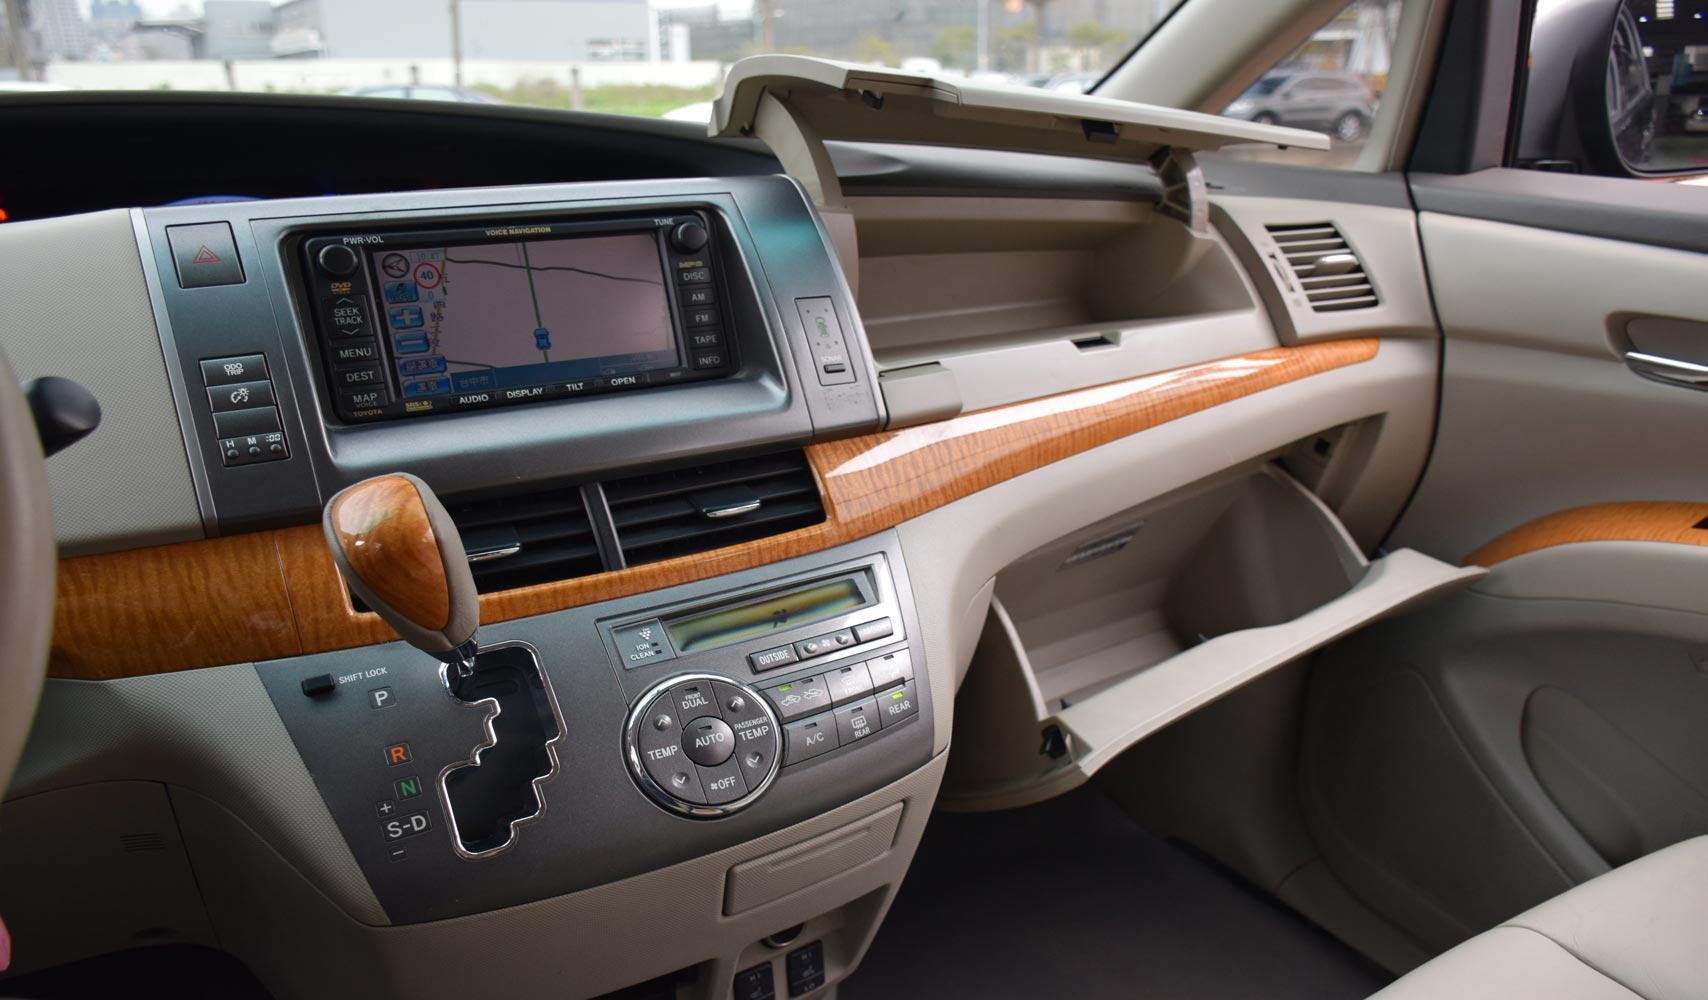 日本Goo鑑定 豐田車業與日本在台第三方鑑定單位「Goo鑑定」合作,採用全場車輛鑑定,「Goo鑑定」的服務就是為消費者提供詳細評估及鑑定中古車的真實車況。由隸屬第三方公正認證單位並精通車輛的專業鑑定專家, 以公正且中立的立場進行專業客觀的鑑定,幫助顧客挑擇車輛。